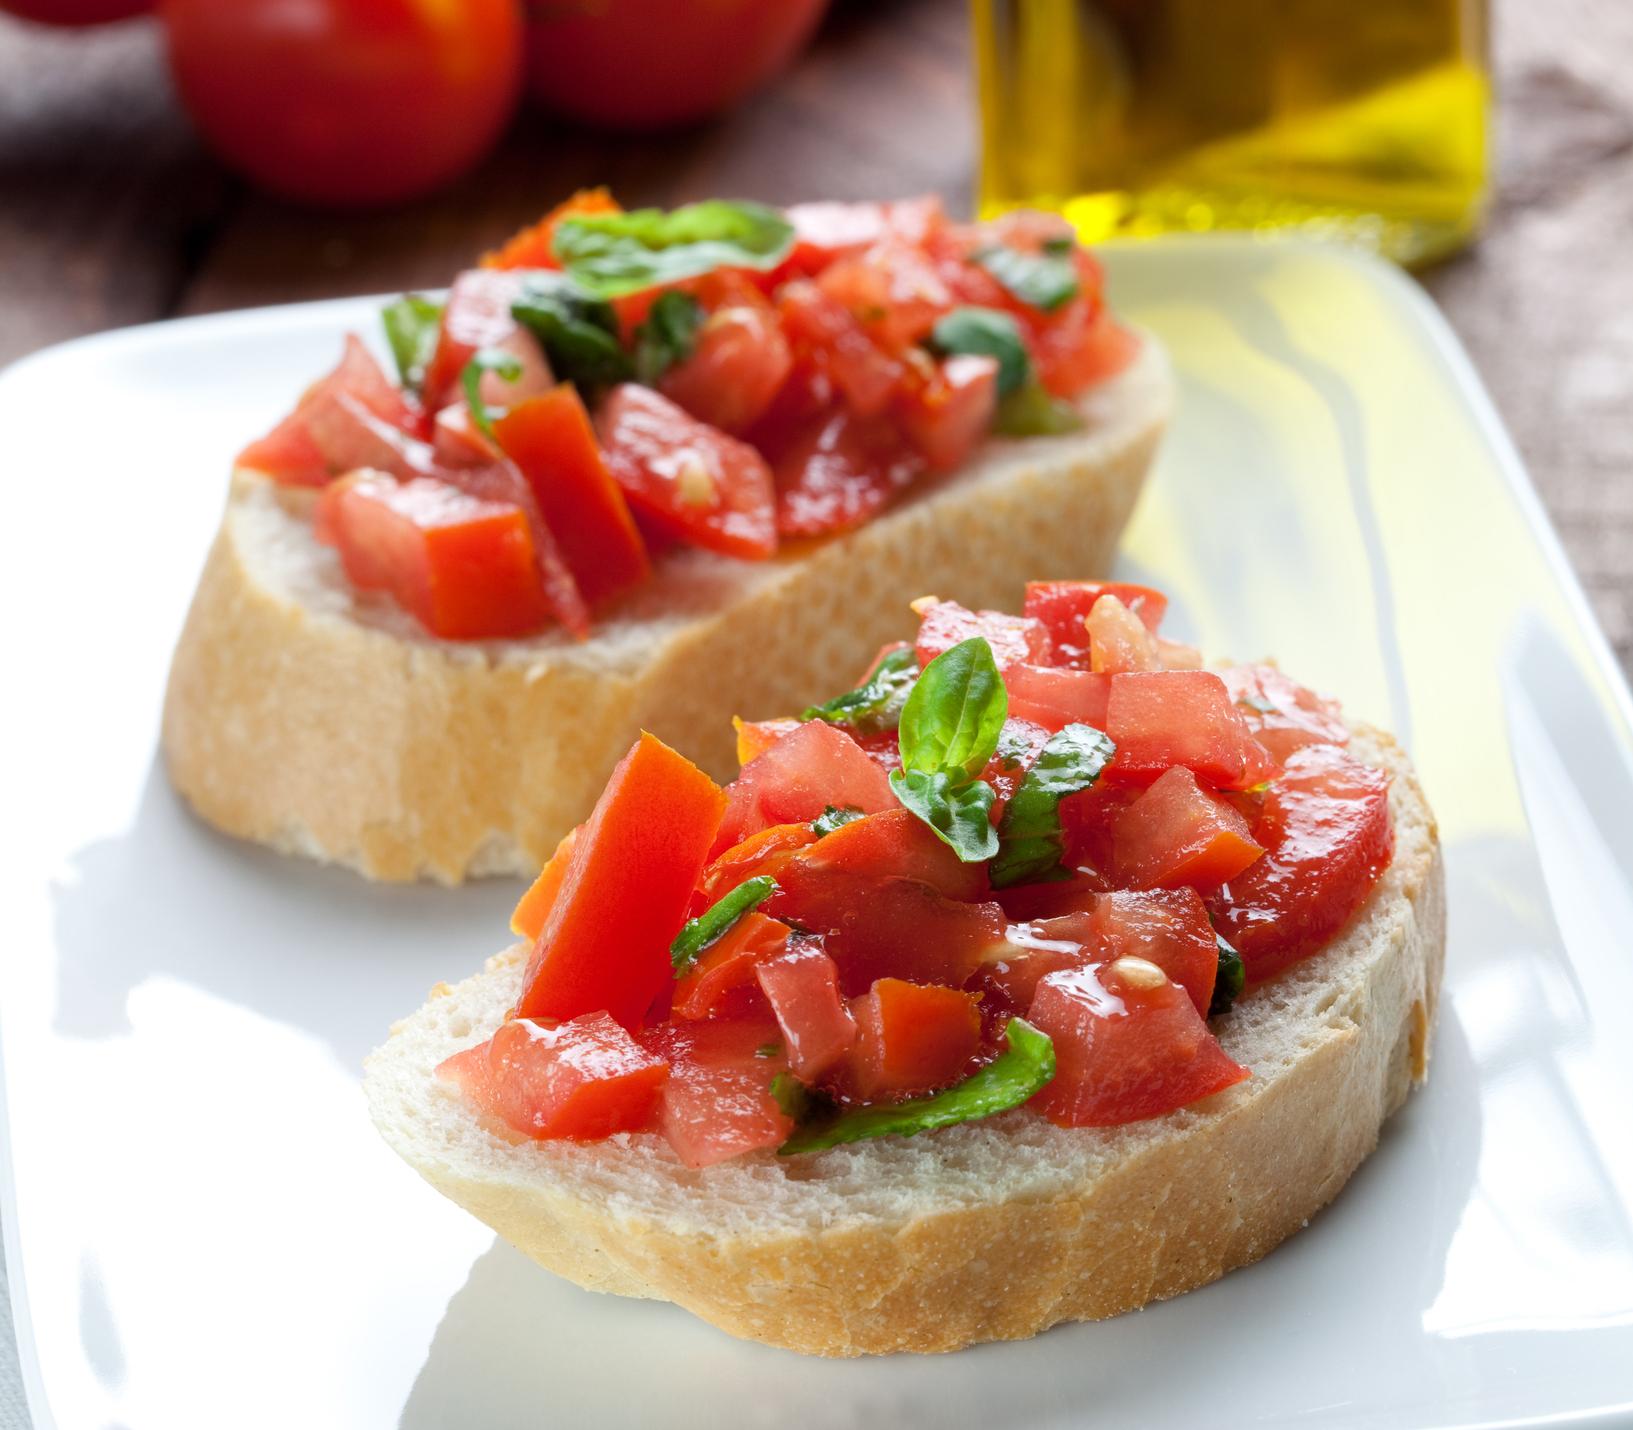 tomatenpolpa was ist das tipps und wissenswertes. Black Bedroom Furniture Sets. Home Design Ideas